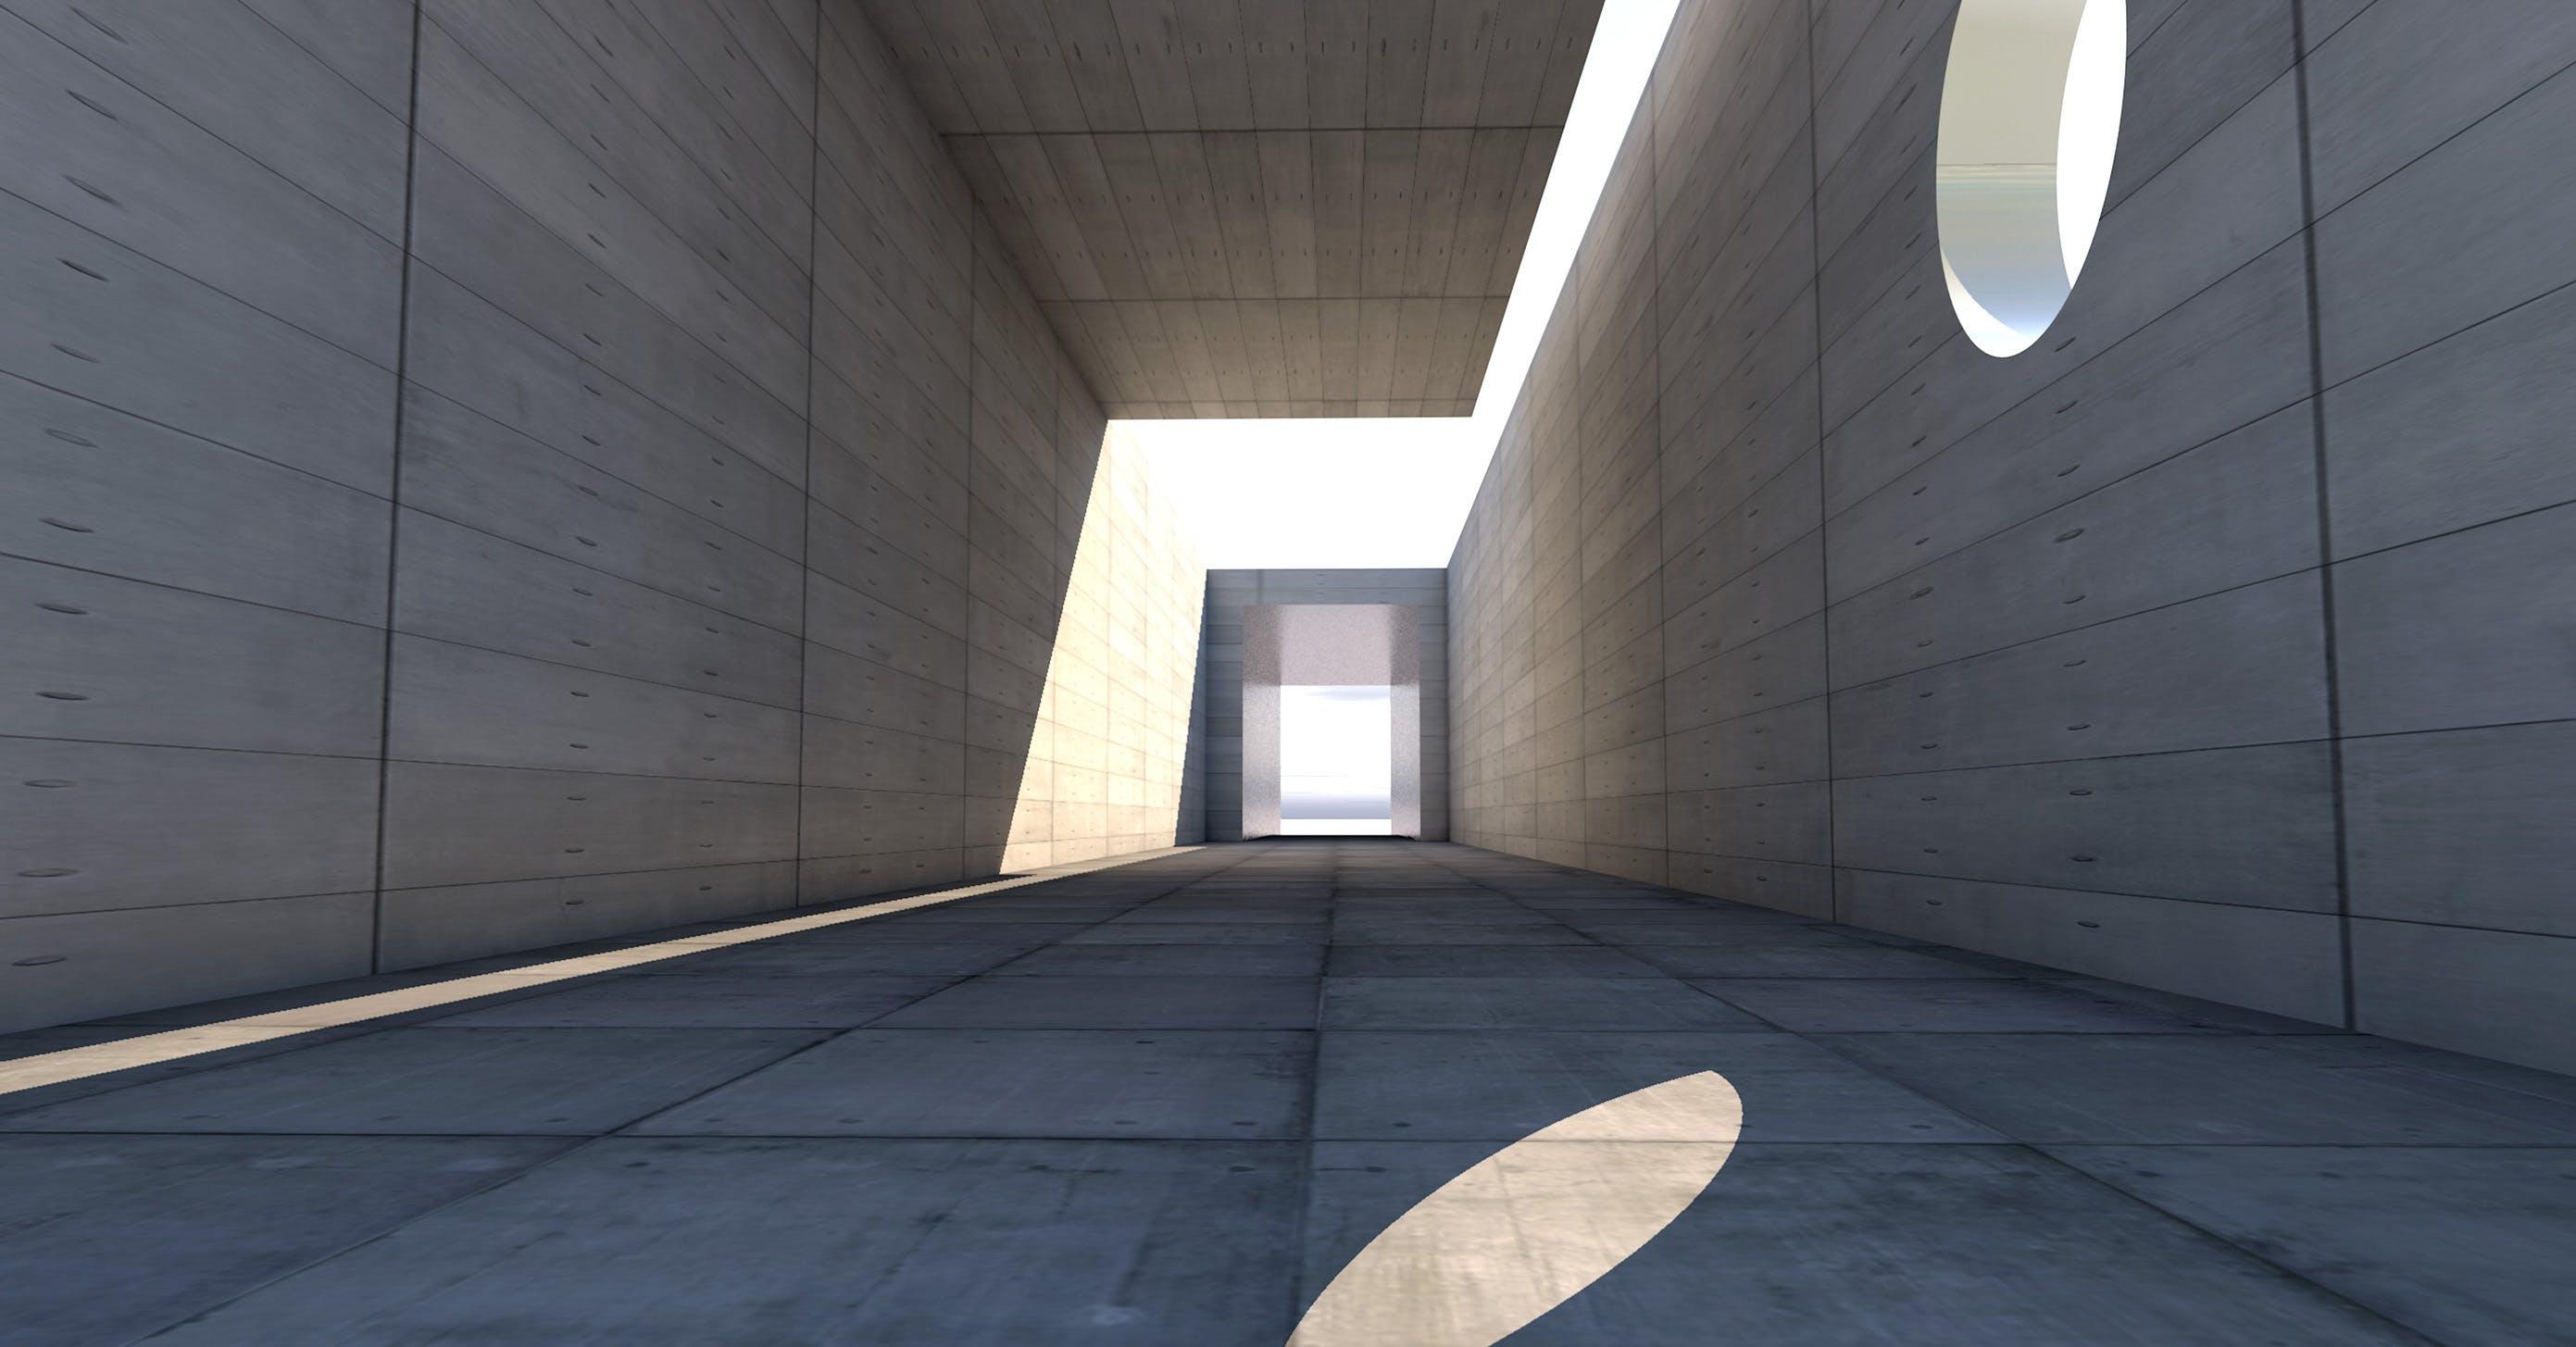 arkitektur, betong, bygning